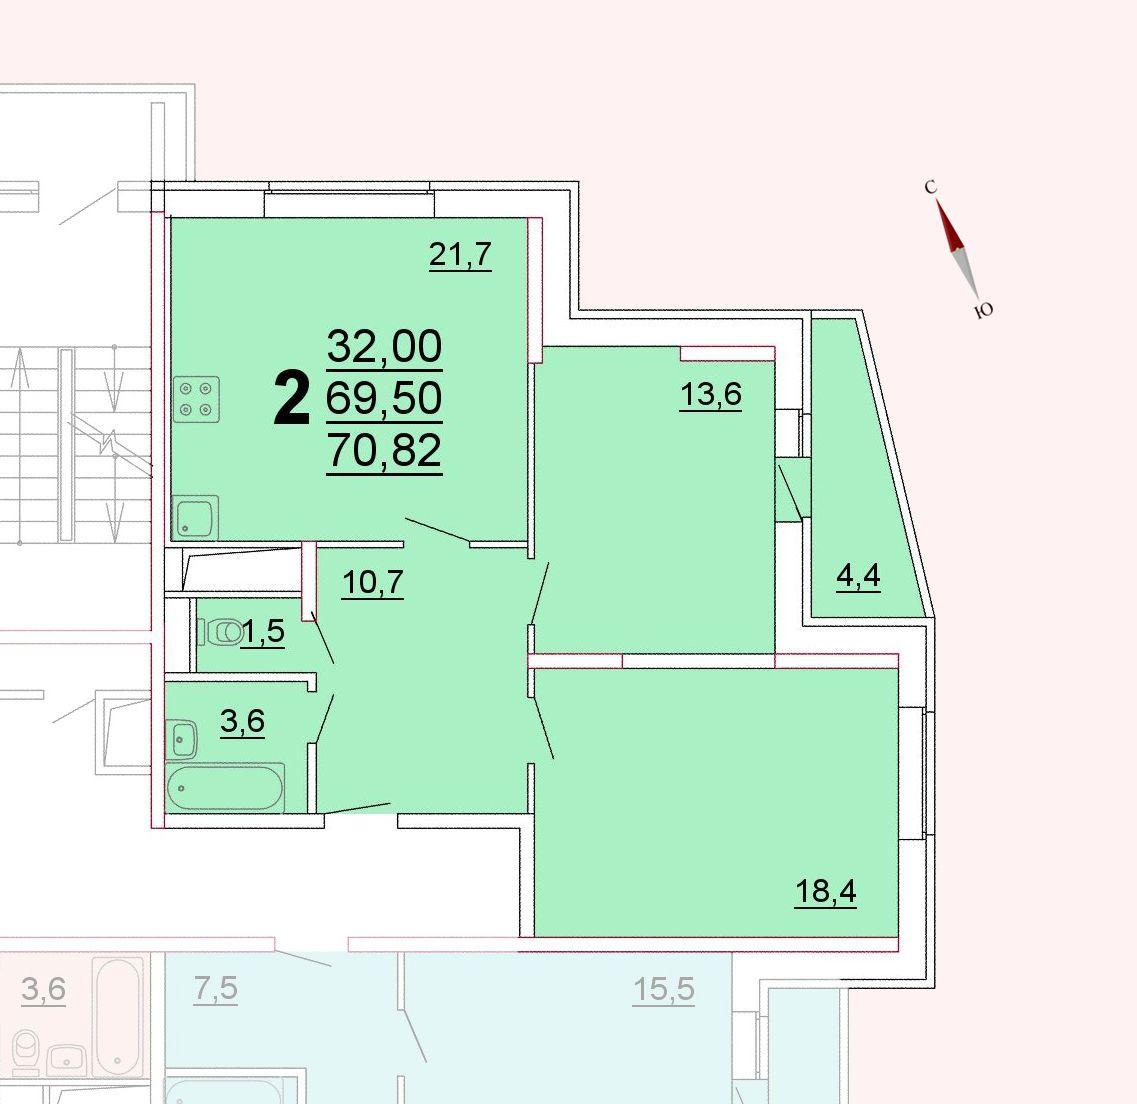 Микрорайон «Центральный», корпус 52г, секция 3, квартира 70,82 м2